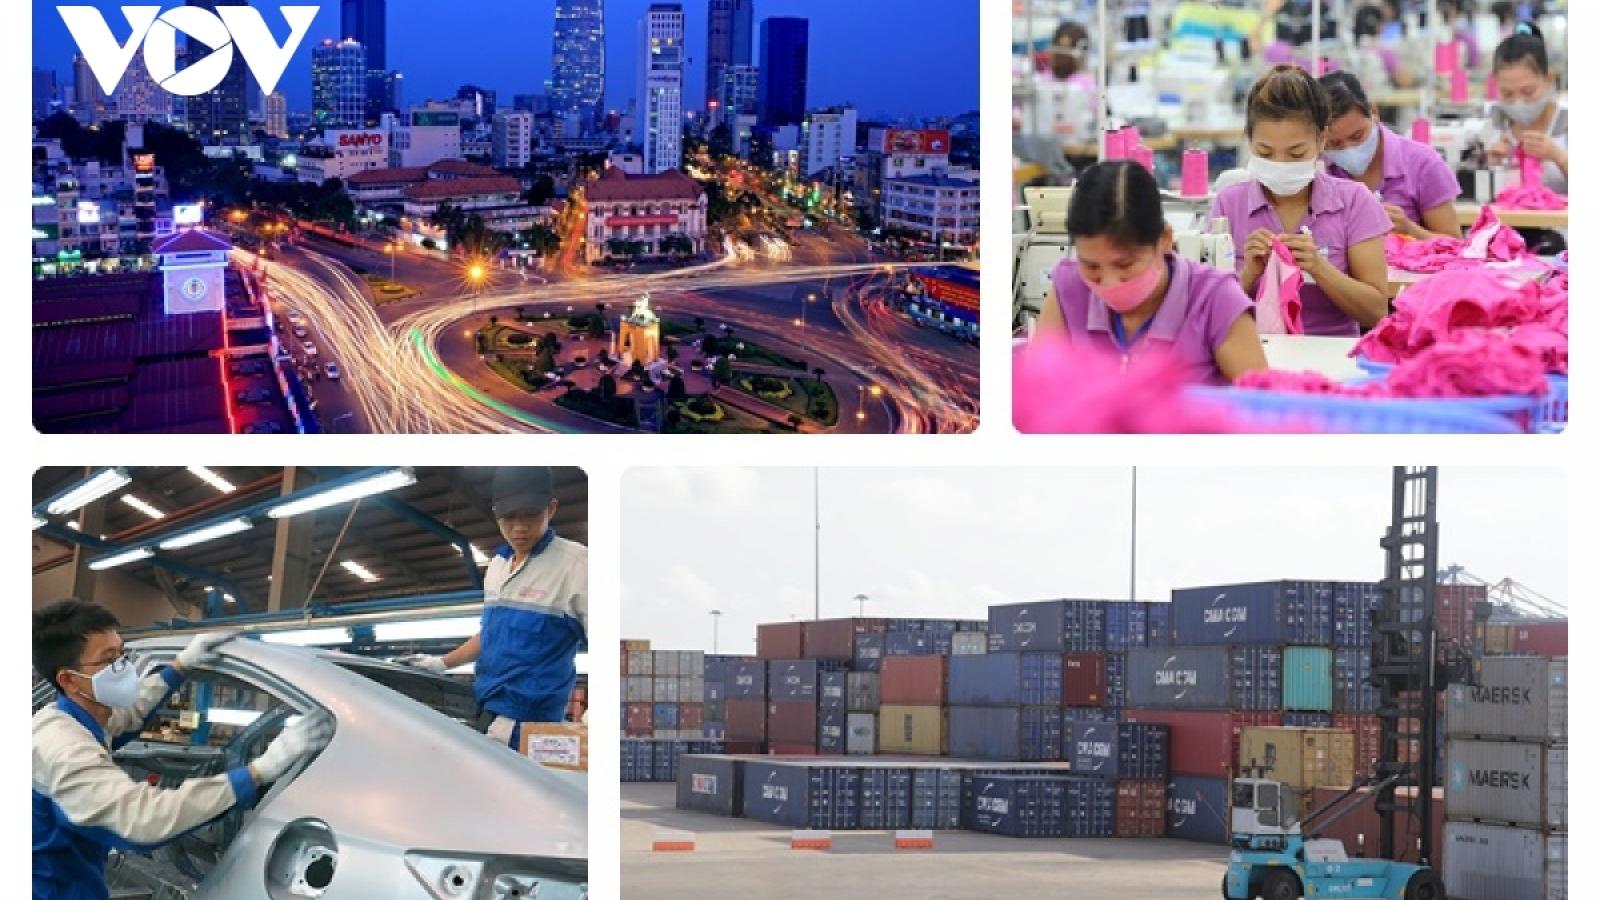 Chuyên gia khuyến nghị chính sách tăng tốc kinh tế